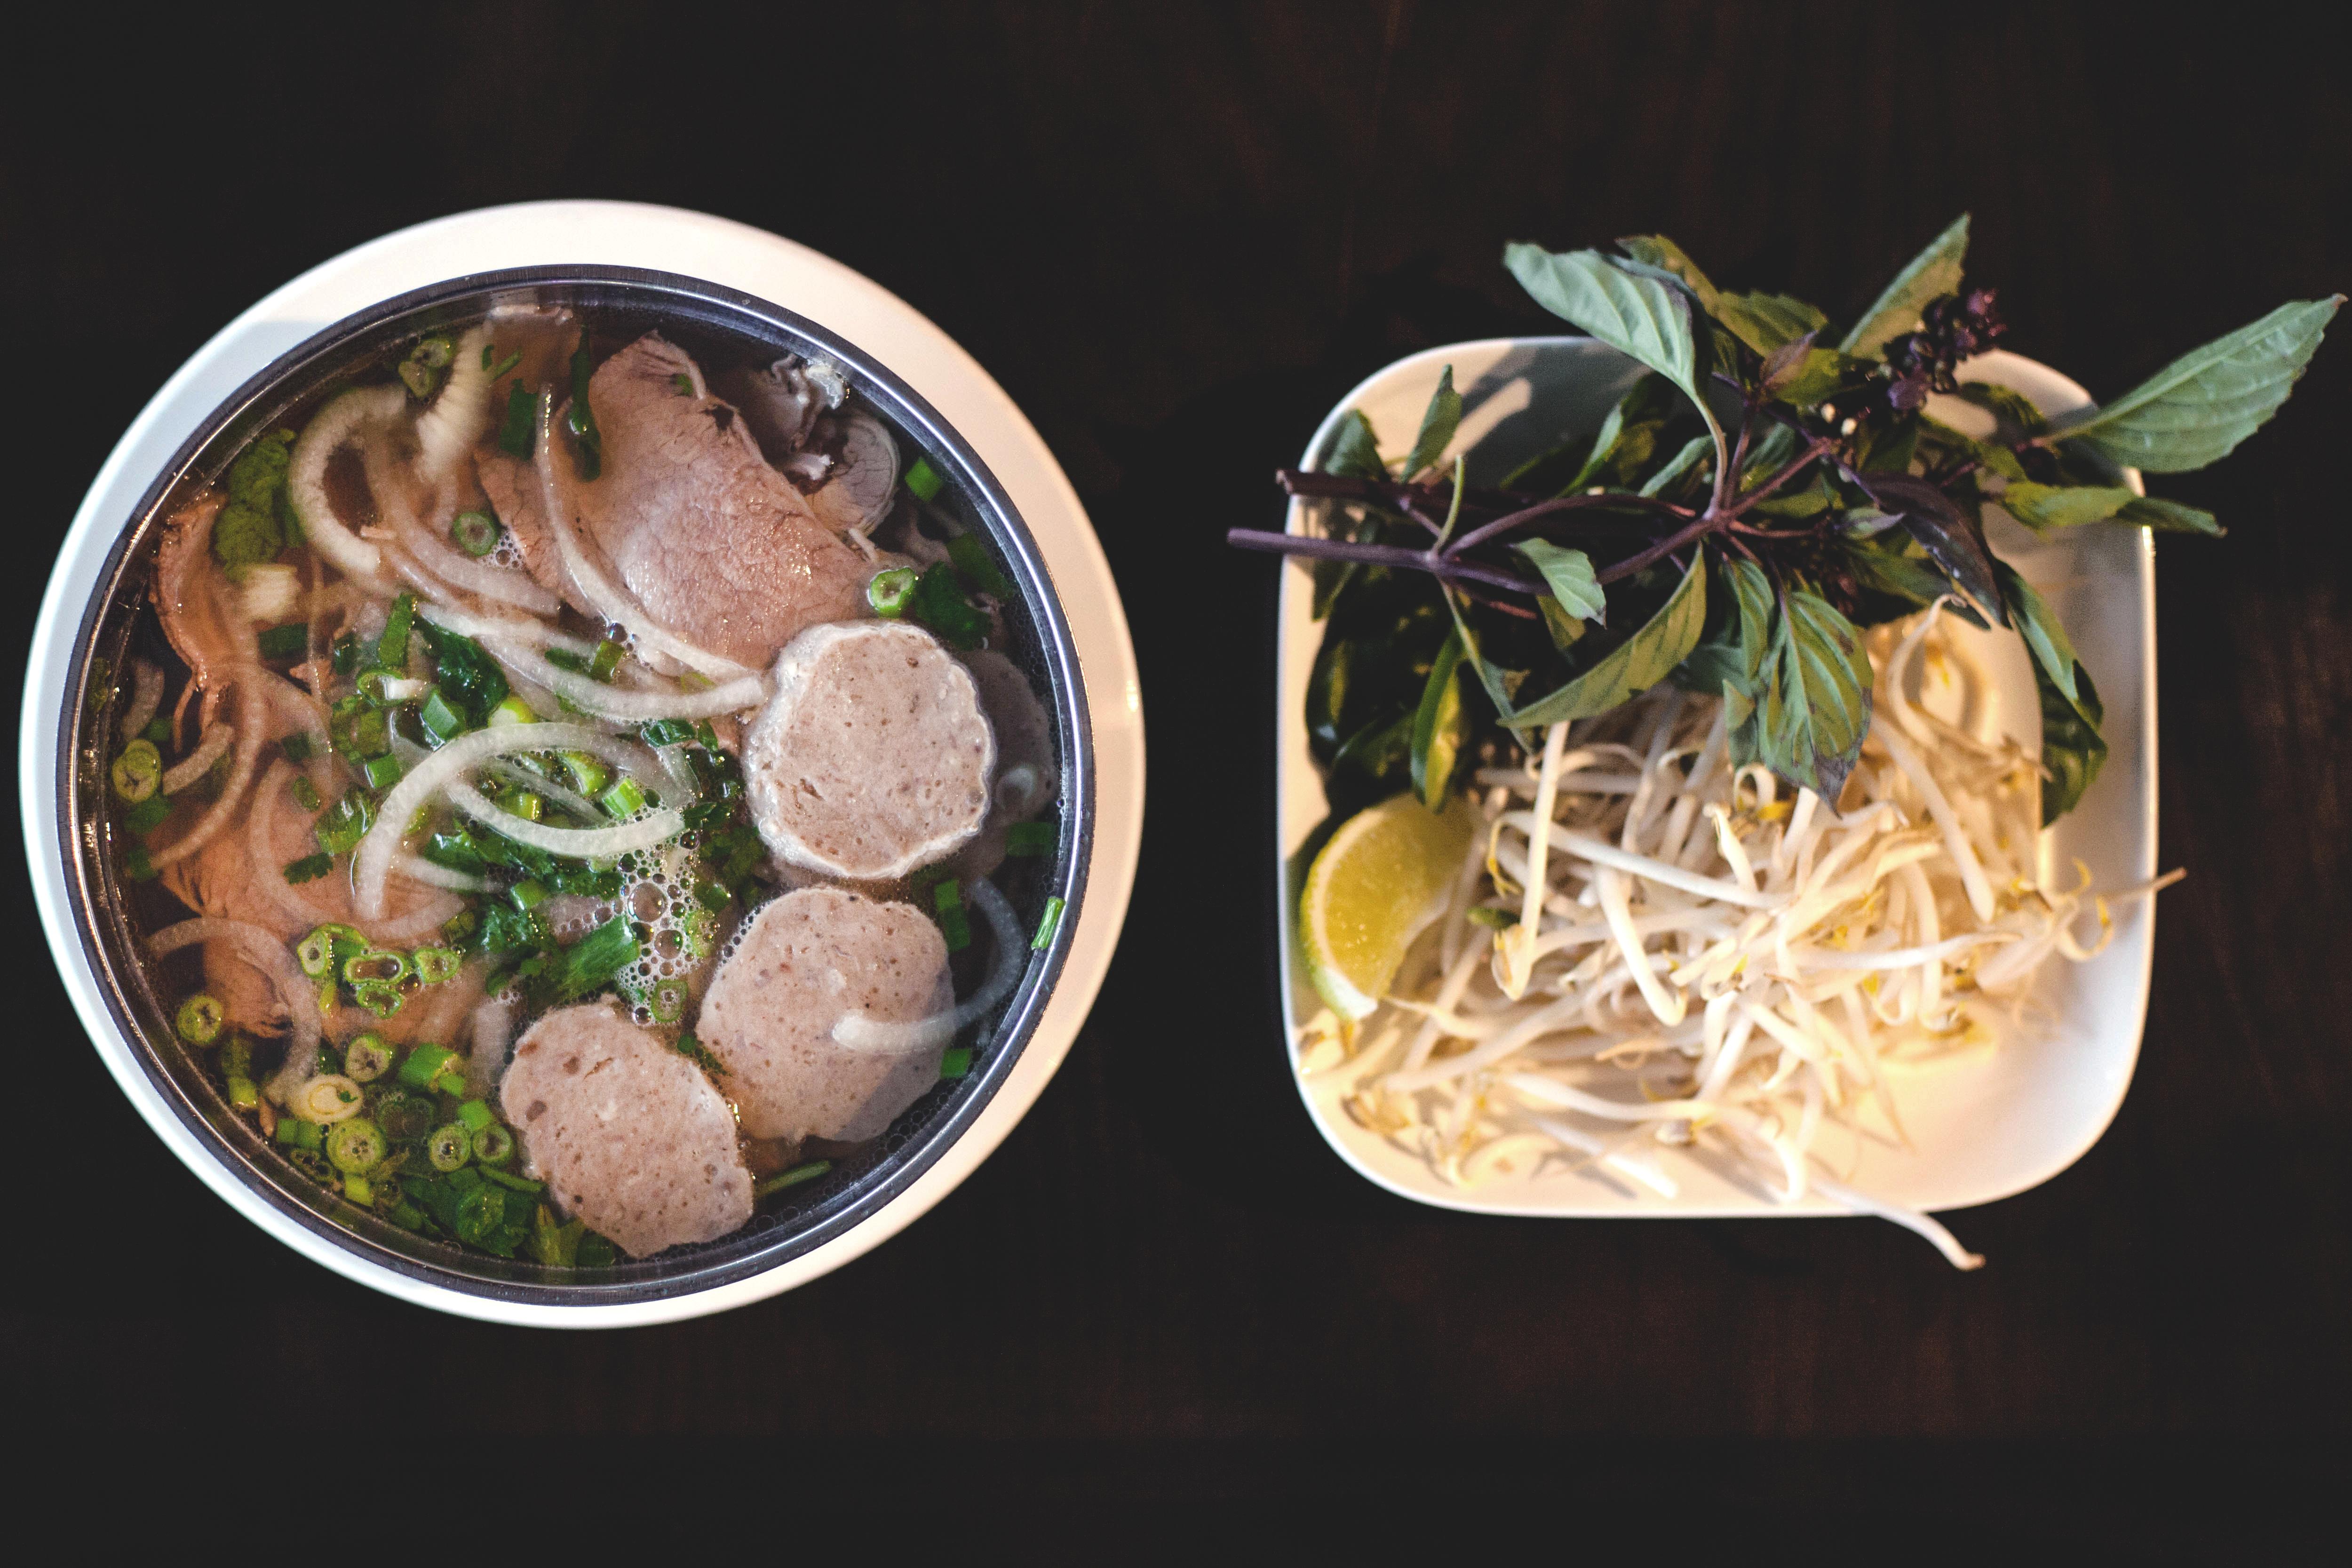 Pho Nhi Brings New Vietnamese Tastes to Tulsa - Tulsa Food